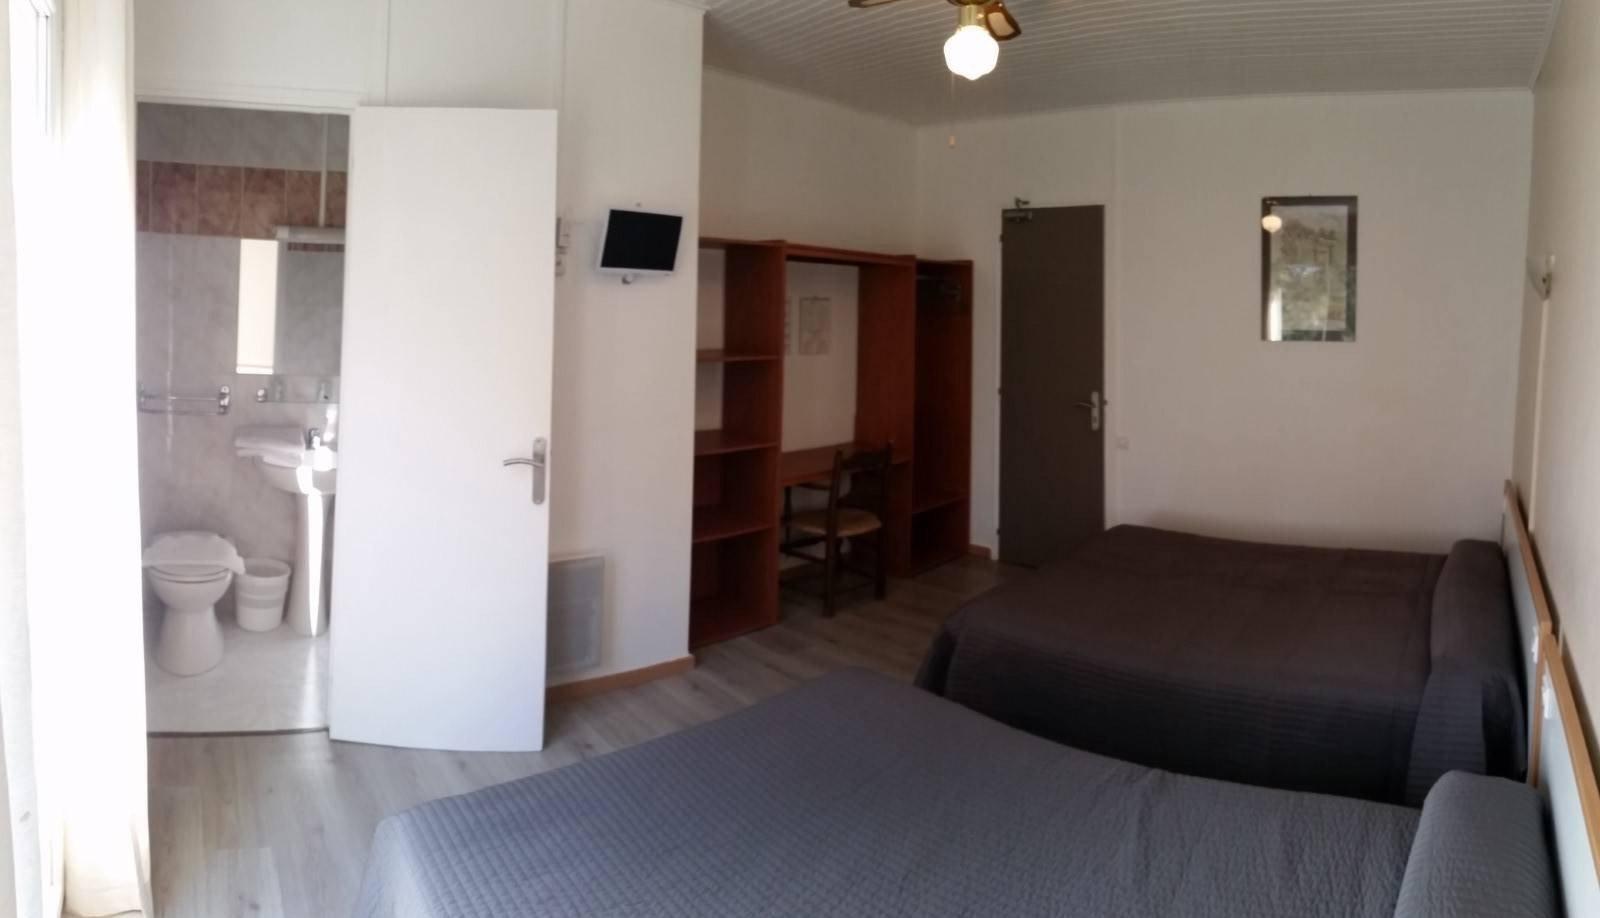 Hotel du joli bois cassis france voir les tarifs 72 for Chambre 0 decibel